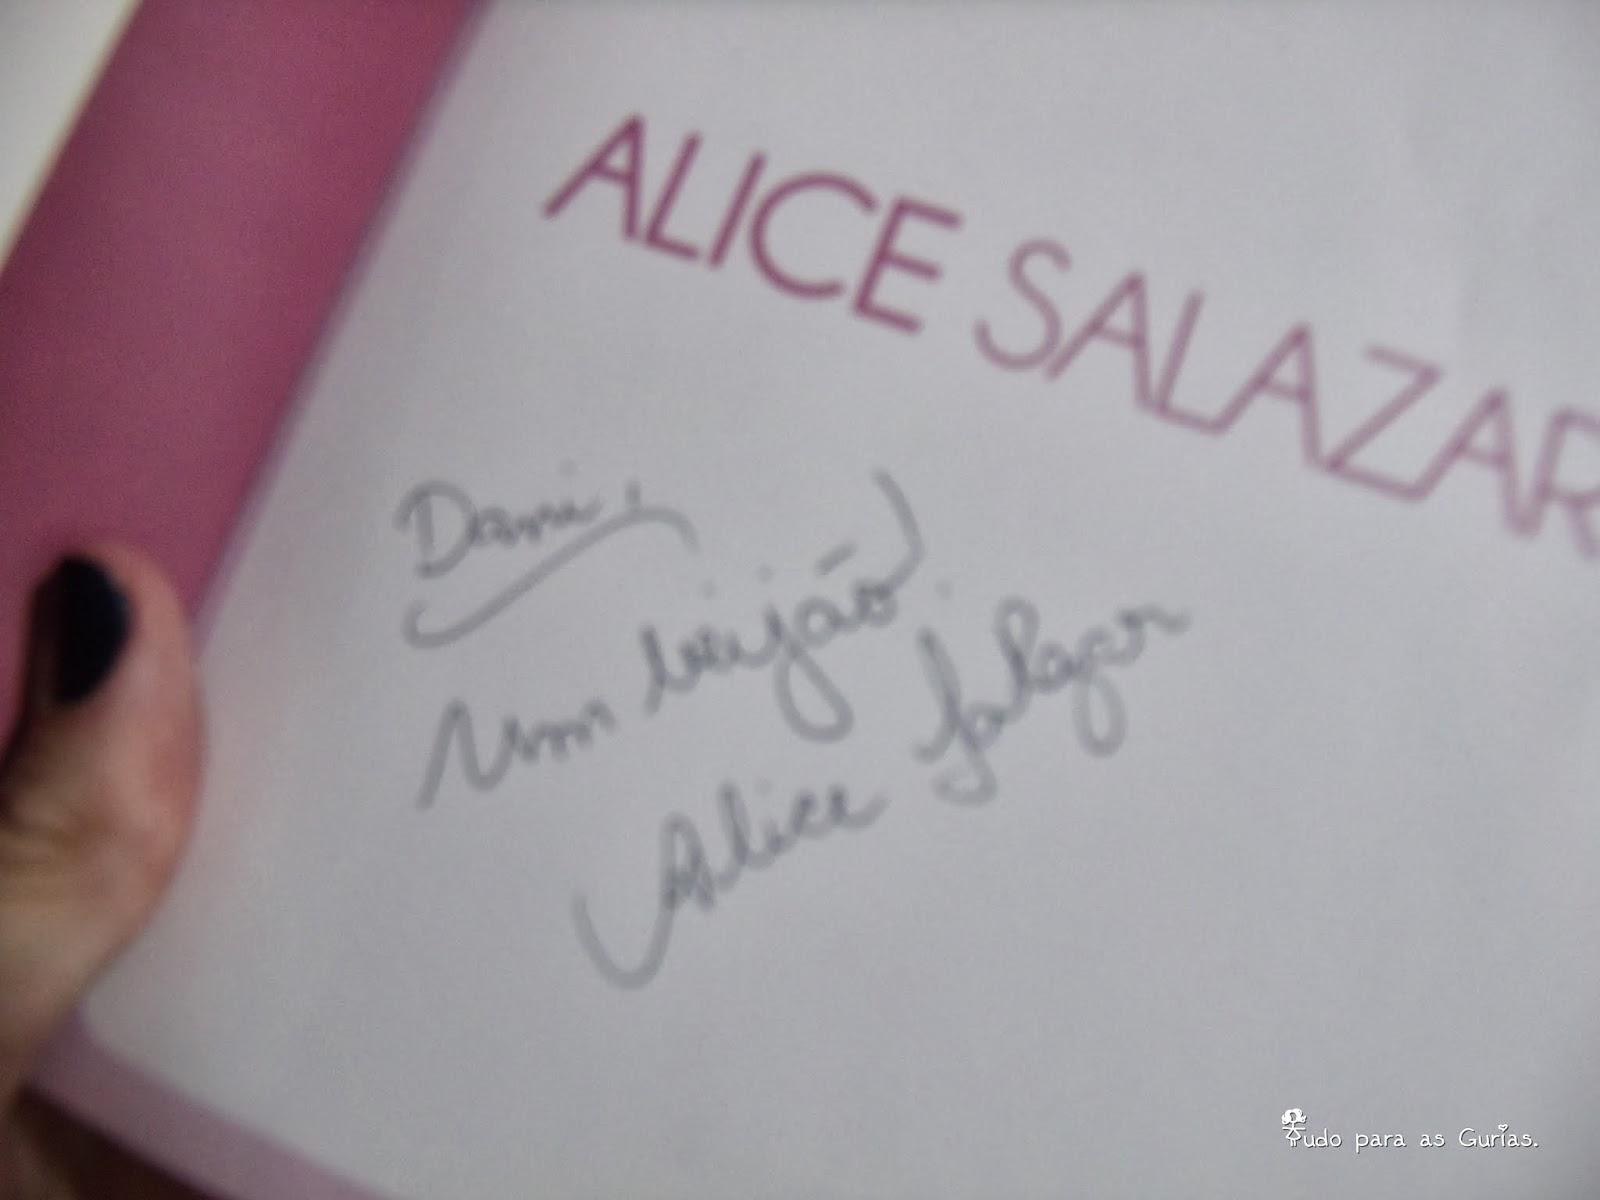 Tarde de autográtos com Alice Salazar.